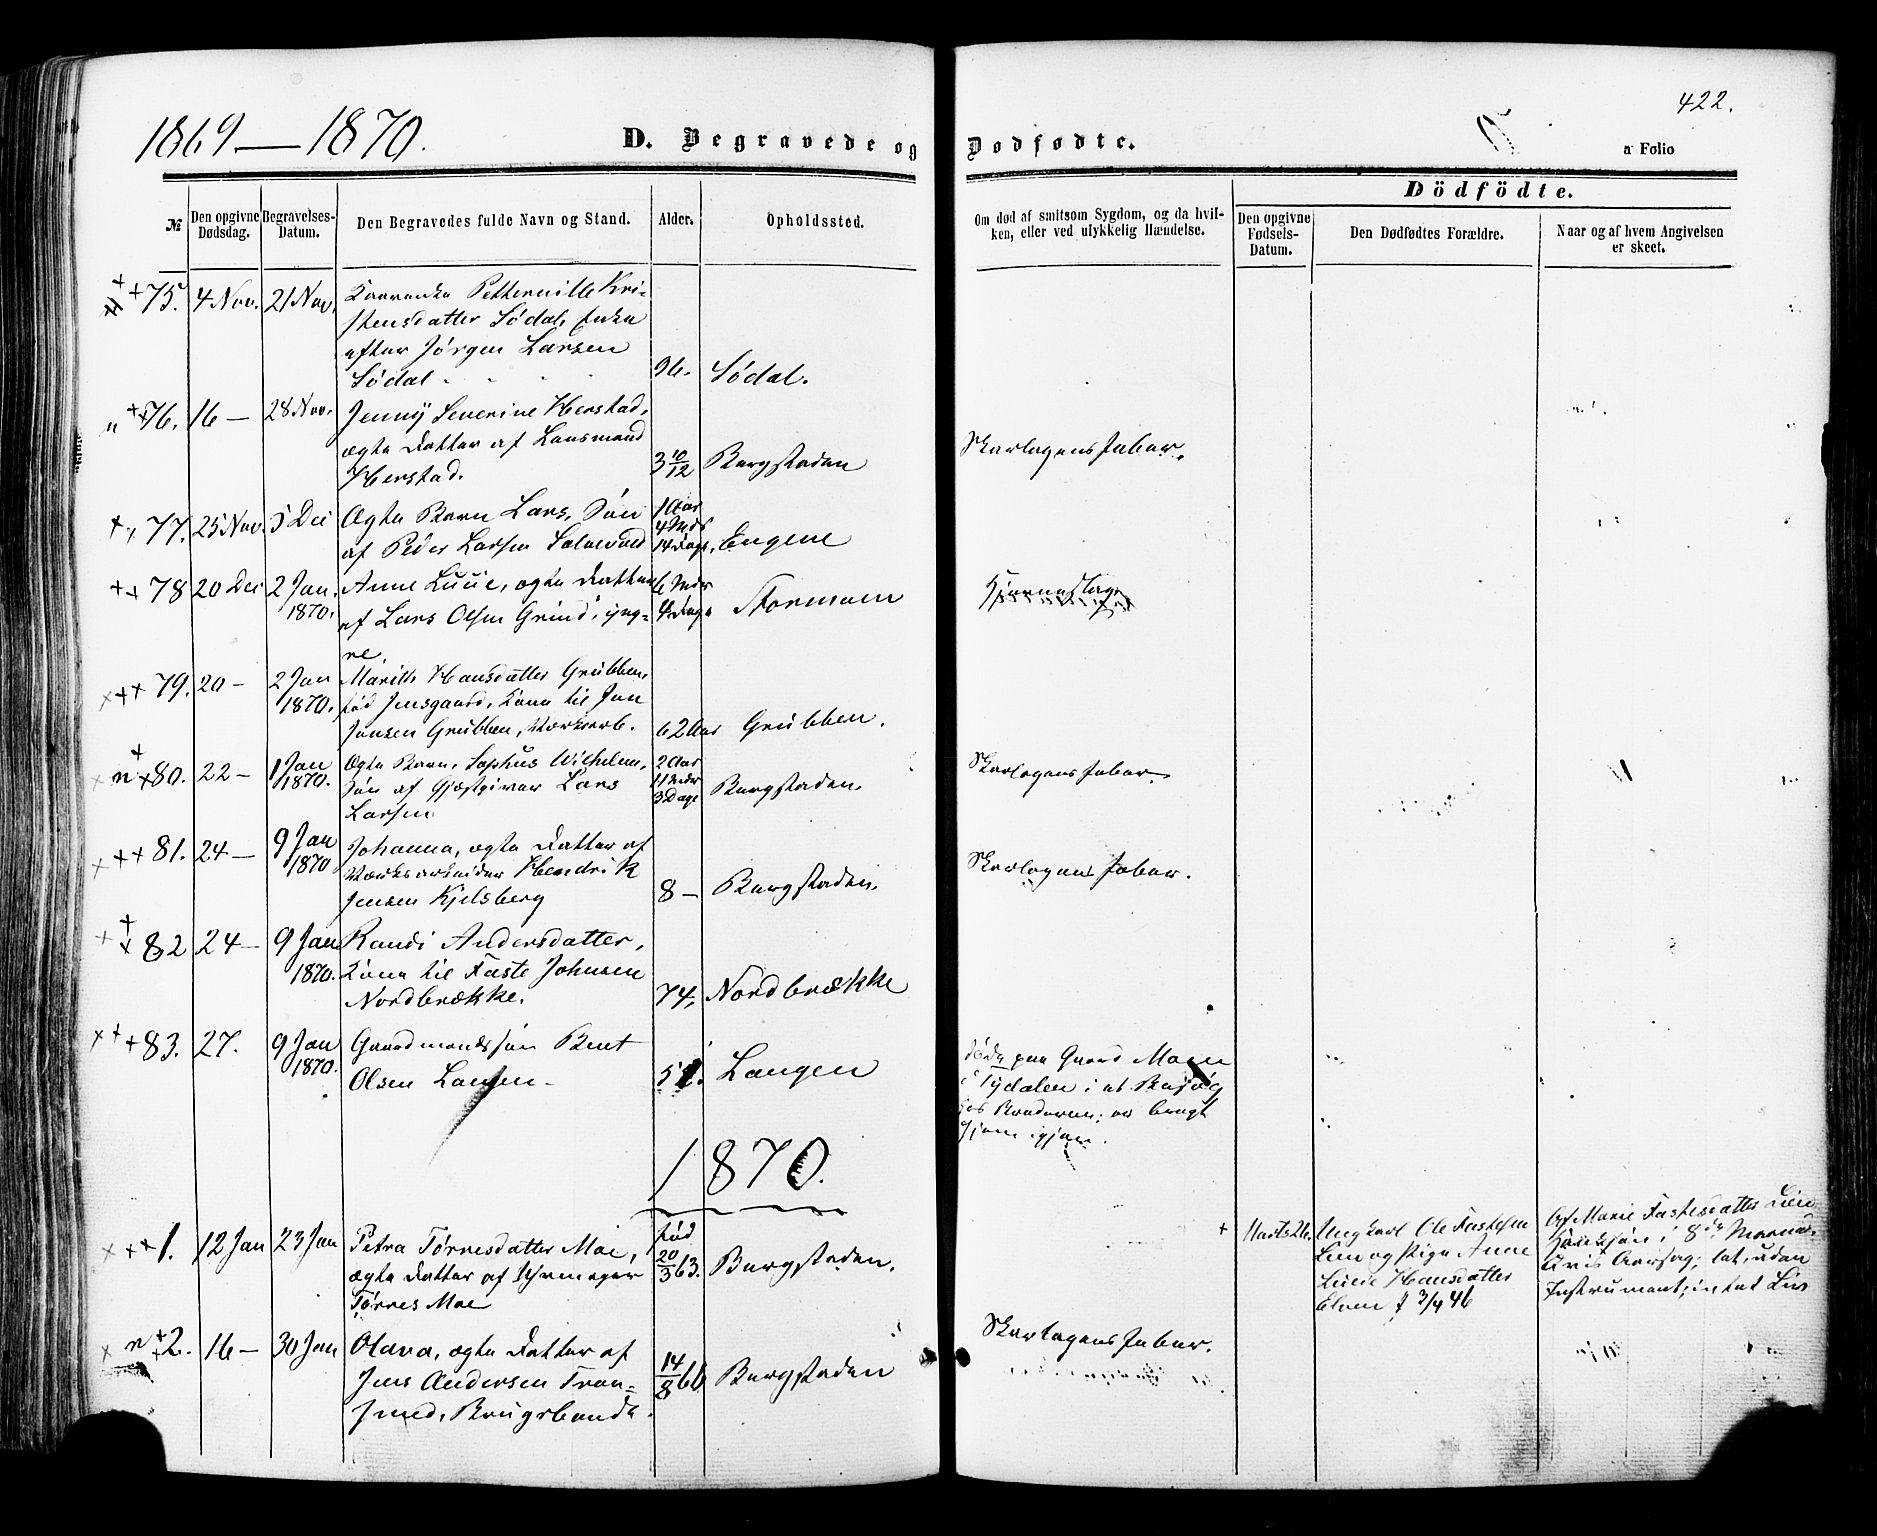 SAT, Ministerialprotokoller, klokkerbøker og fødselsregistre - Sør-Trøndelag, 681/L0932: Ministerialbok nr. 681A10, 1860-1878, s. 422